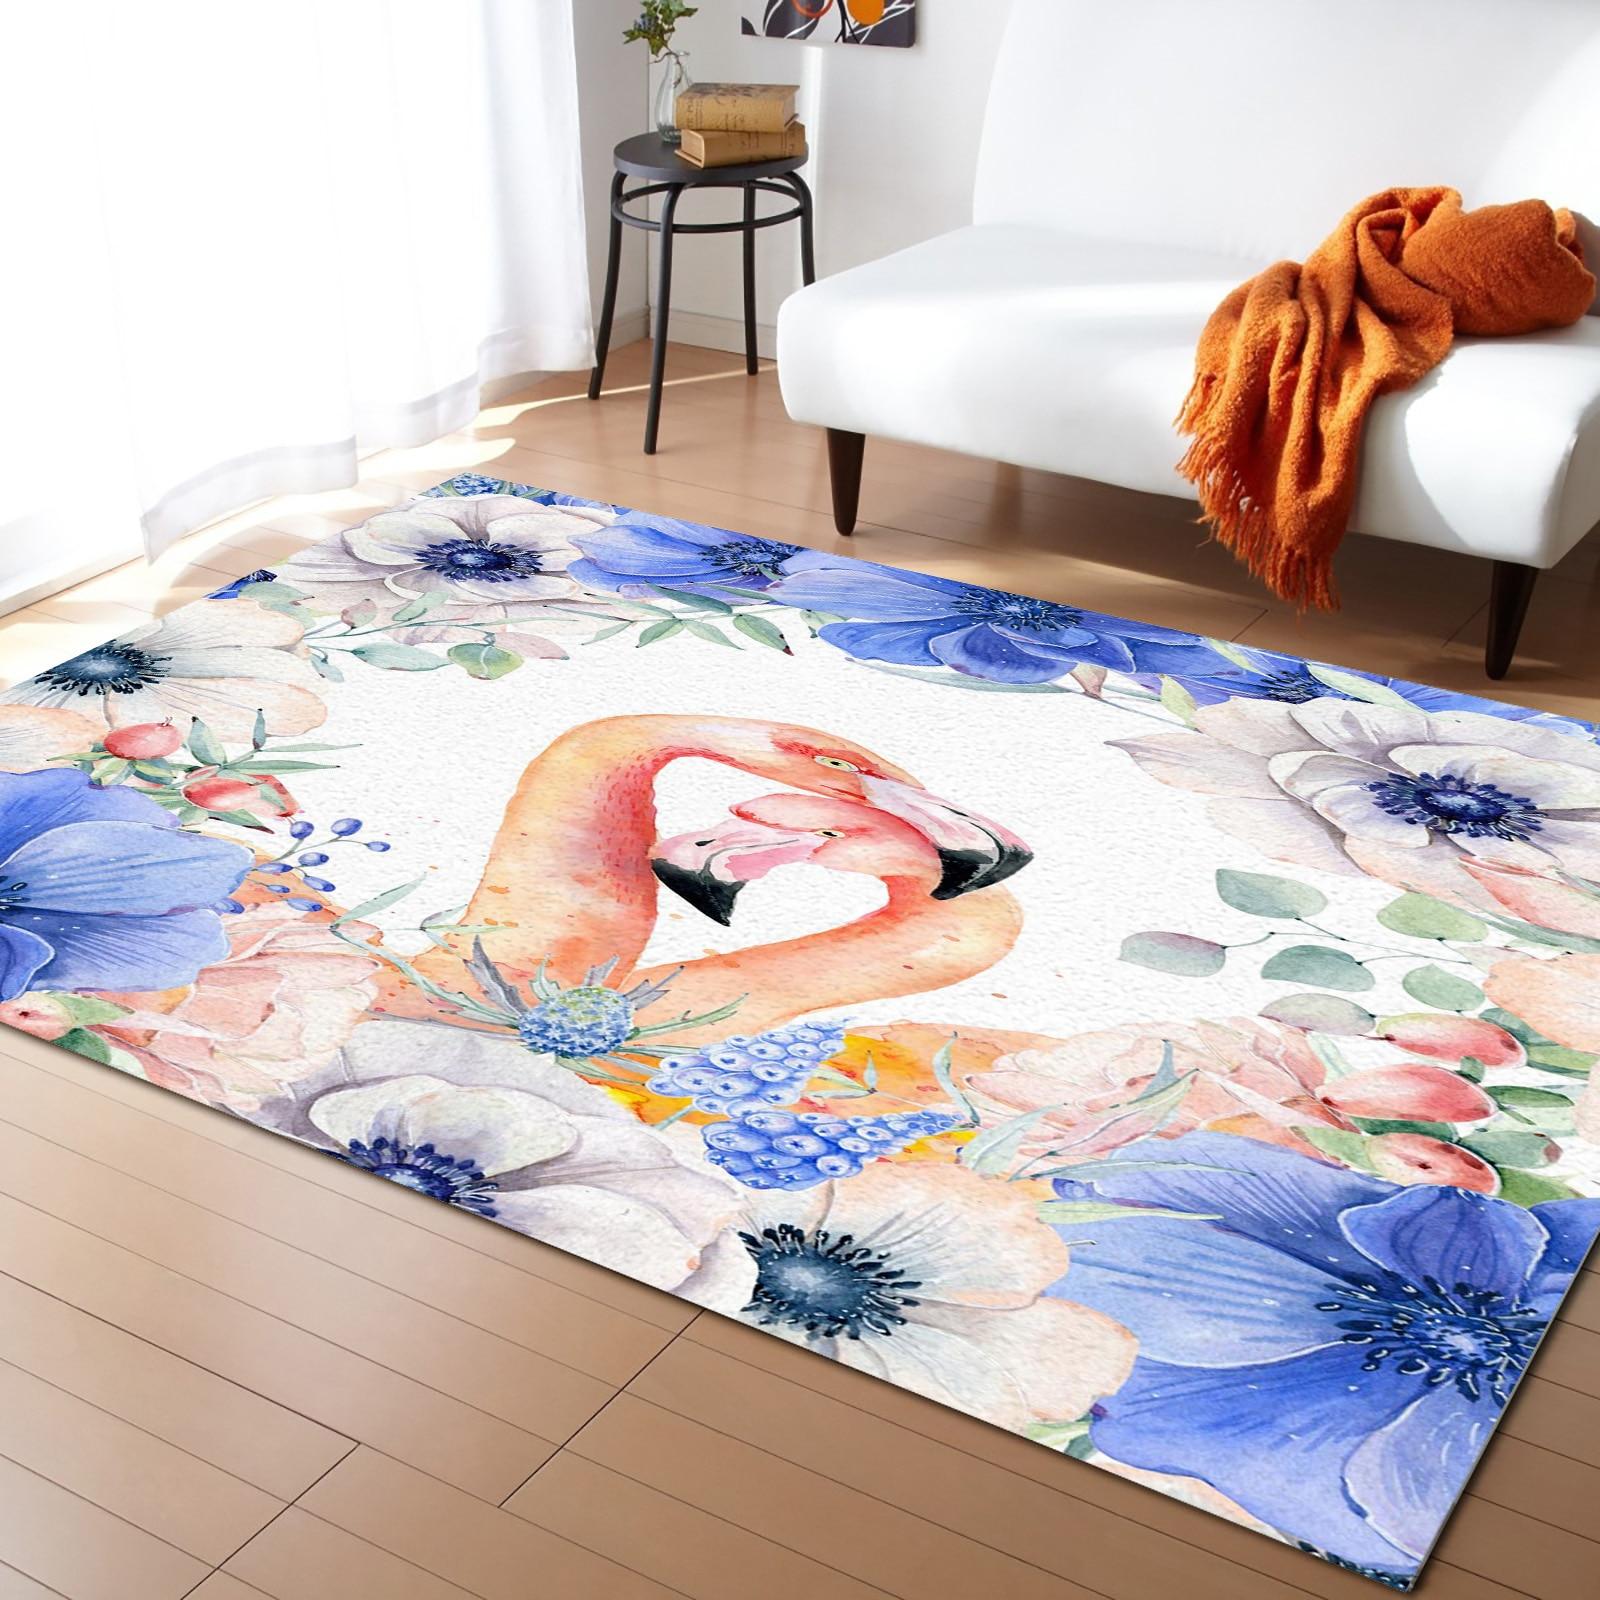 فلامنغو الأرجواني الزهور يترك السجاد لغرفة النوم ديكور المنزل السجاد Kawaii سجاد و السجاد للمنزل غرفة المعيشة في الهواء الطلق البساط